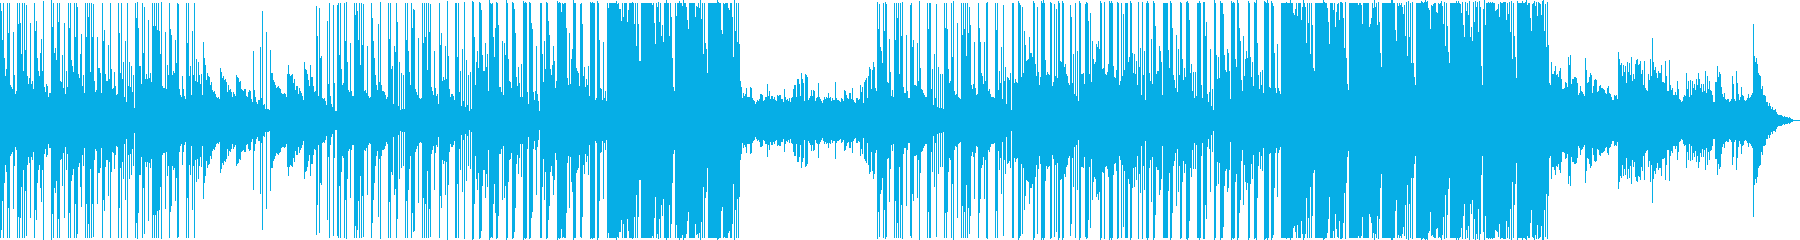 神秘的で夢のような曲の再生済みの波形